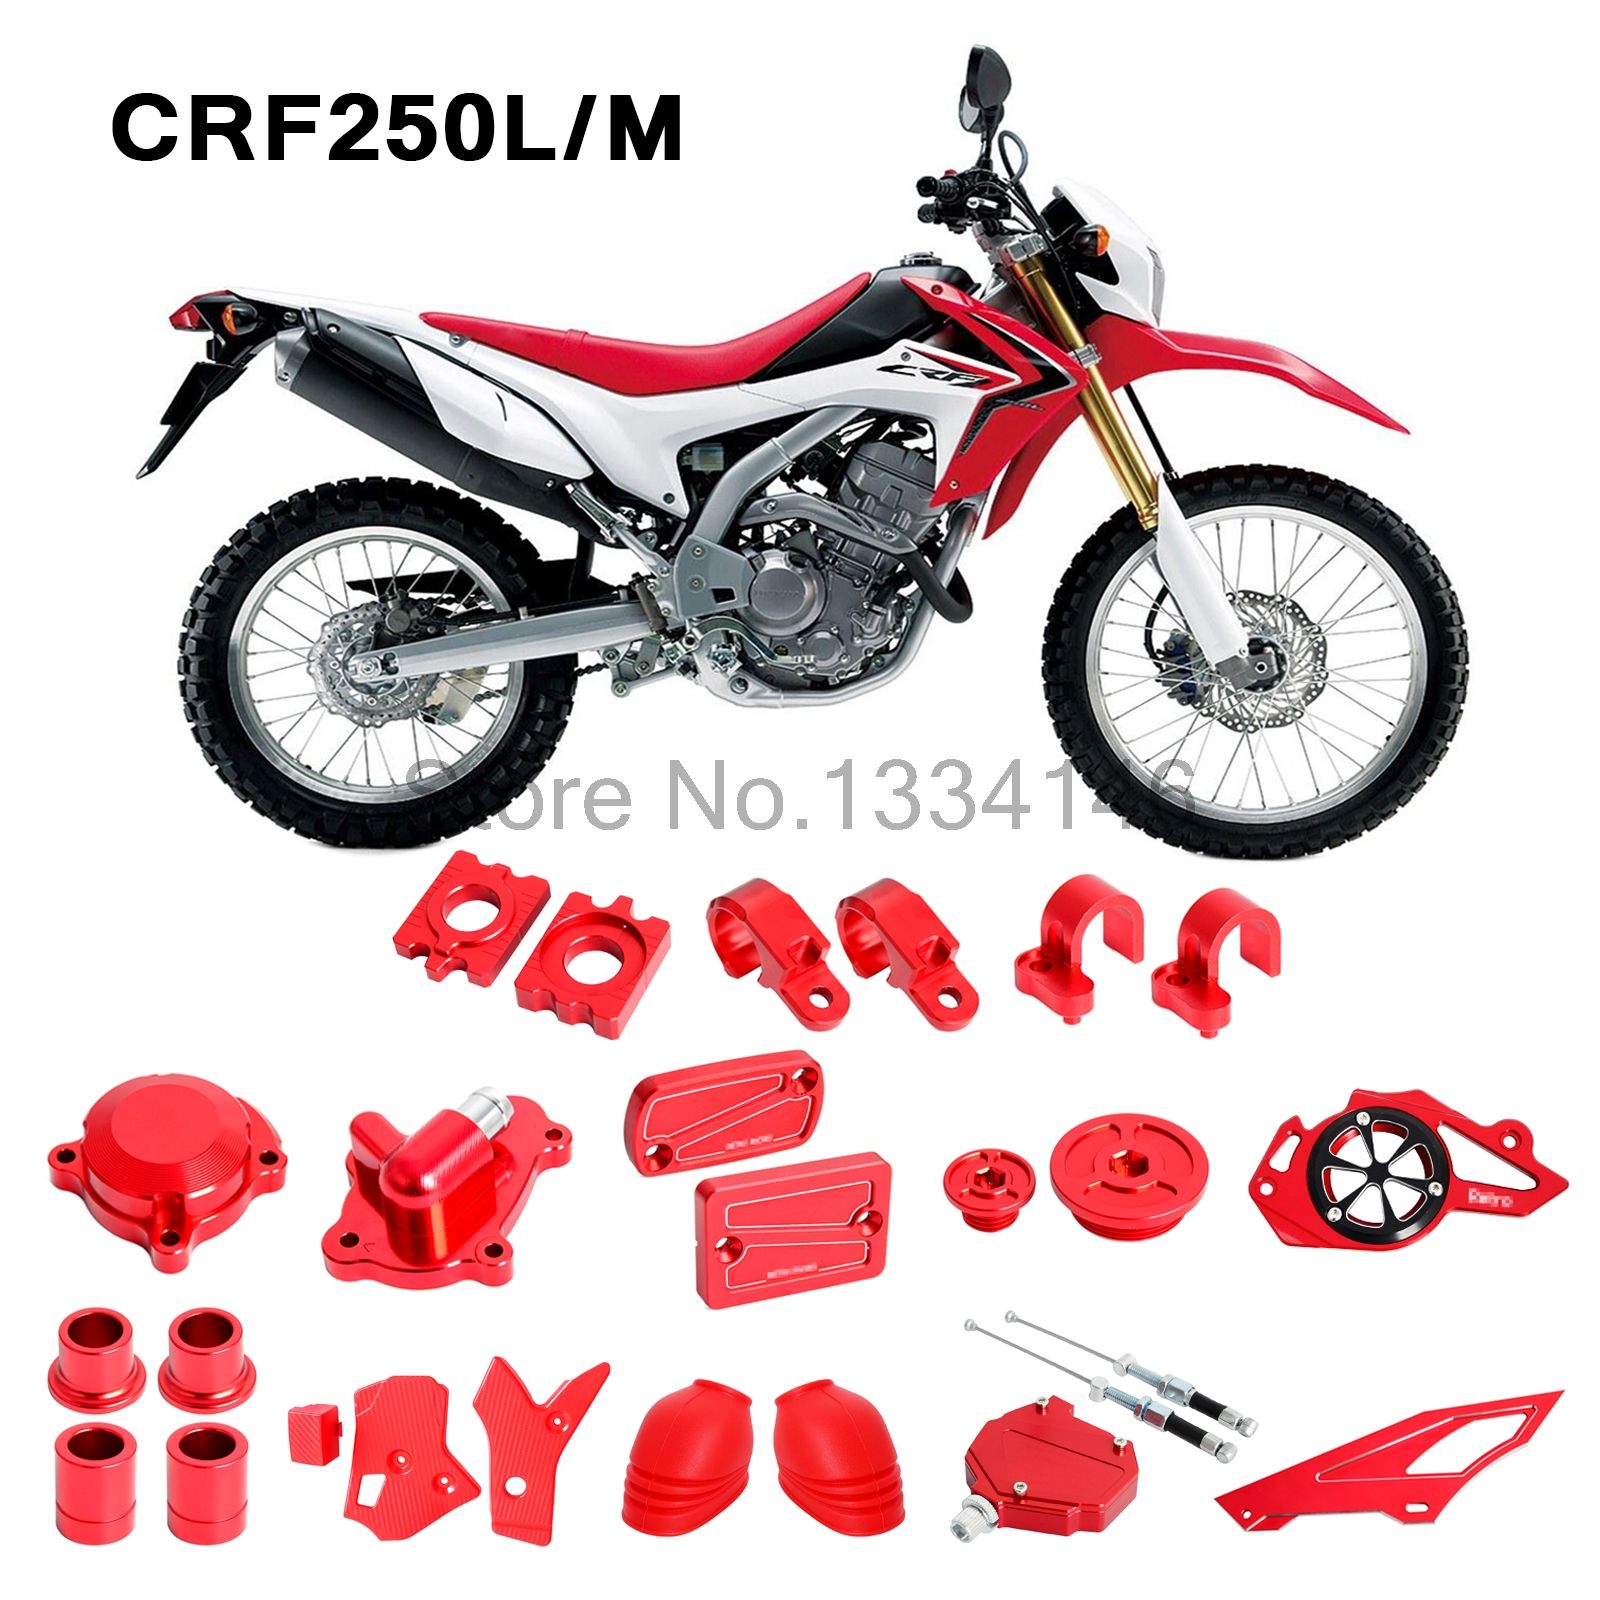 Sepeda Motor CNC Mereparasi Kekuatan Tinggi Penuh Eye Catching Suku Cadang untuk Honda CRF250L CRF250M 2012 2013 2014 2015